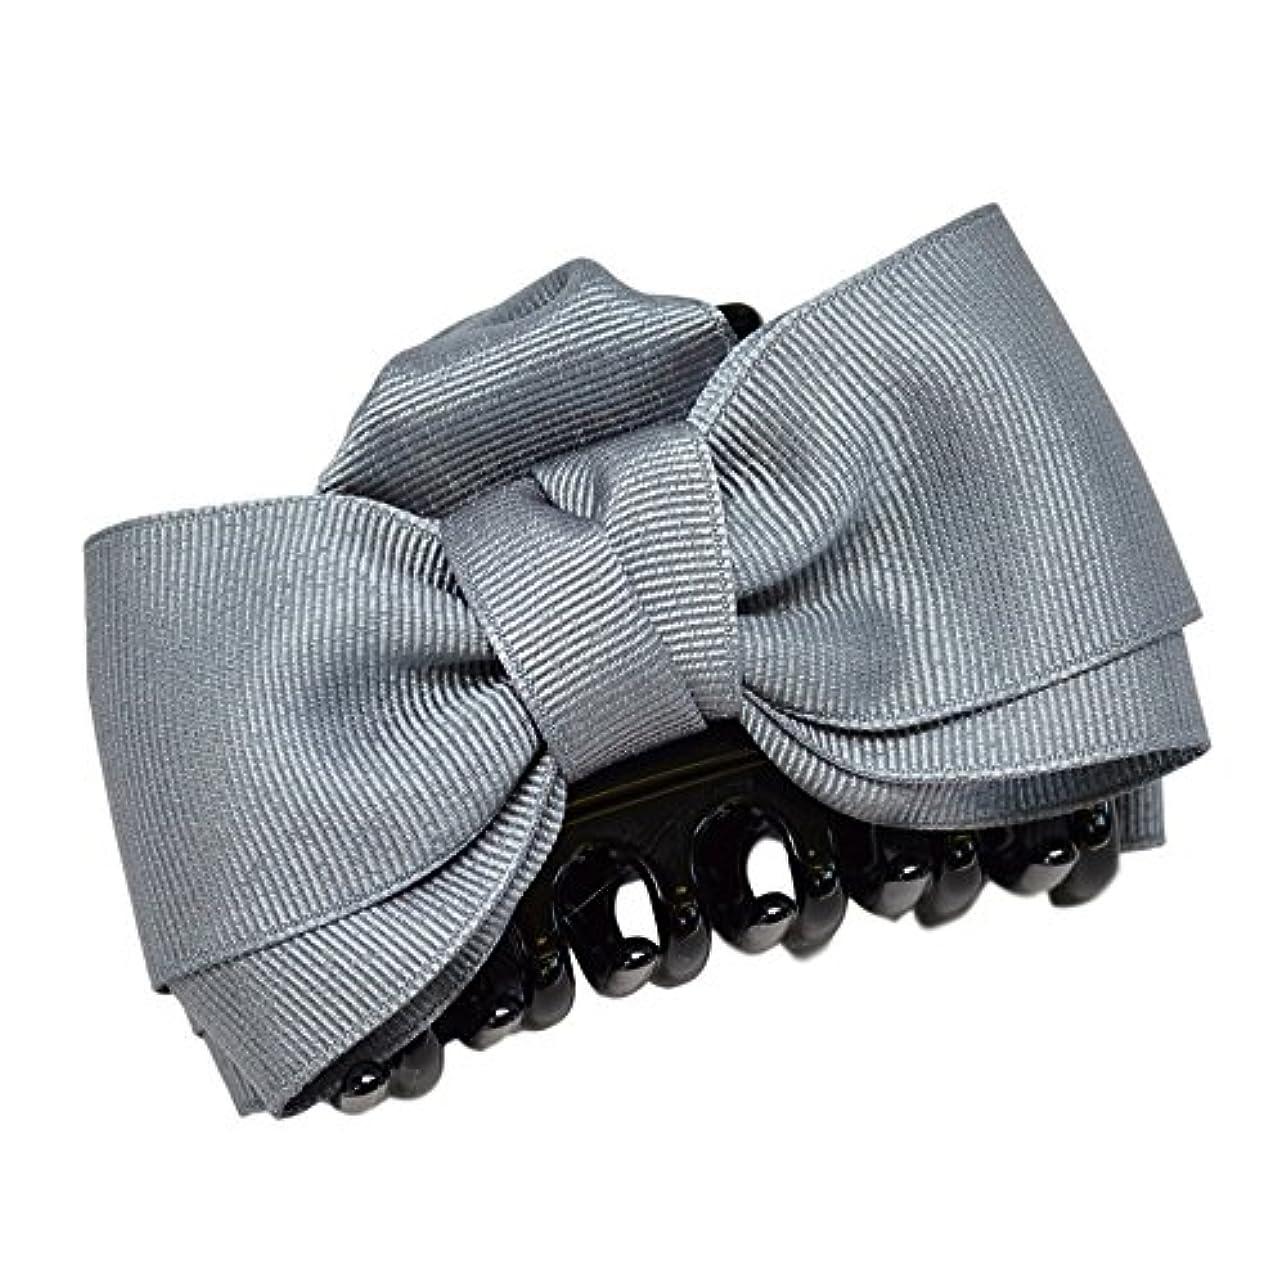 プログラムブーム引用(ヴィラジオ)Viragio ヘアクリップ リボン 大 大きめ バンスクリップ 黒 シンプル ヘアアクセサリー 髪留め 髪飾り ブランド vi-0258